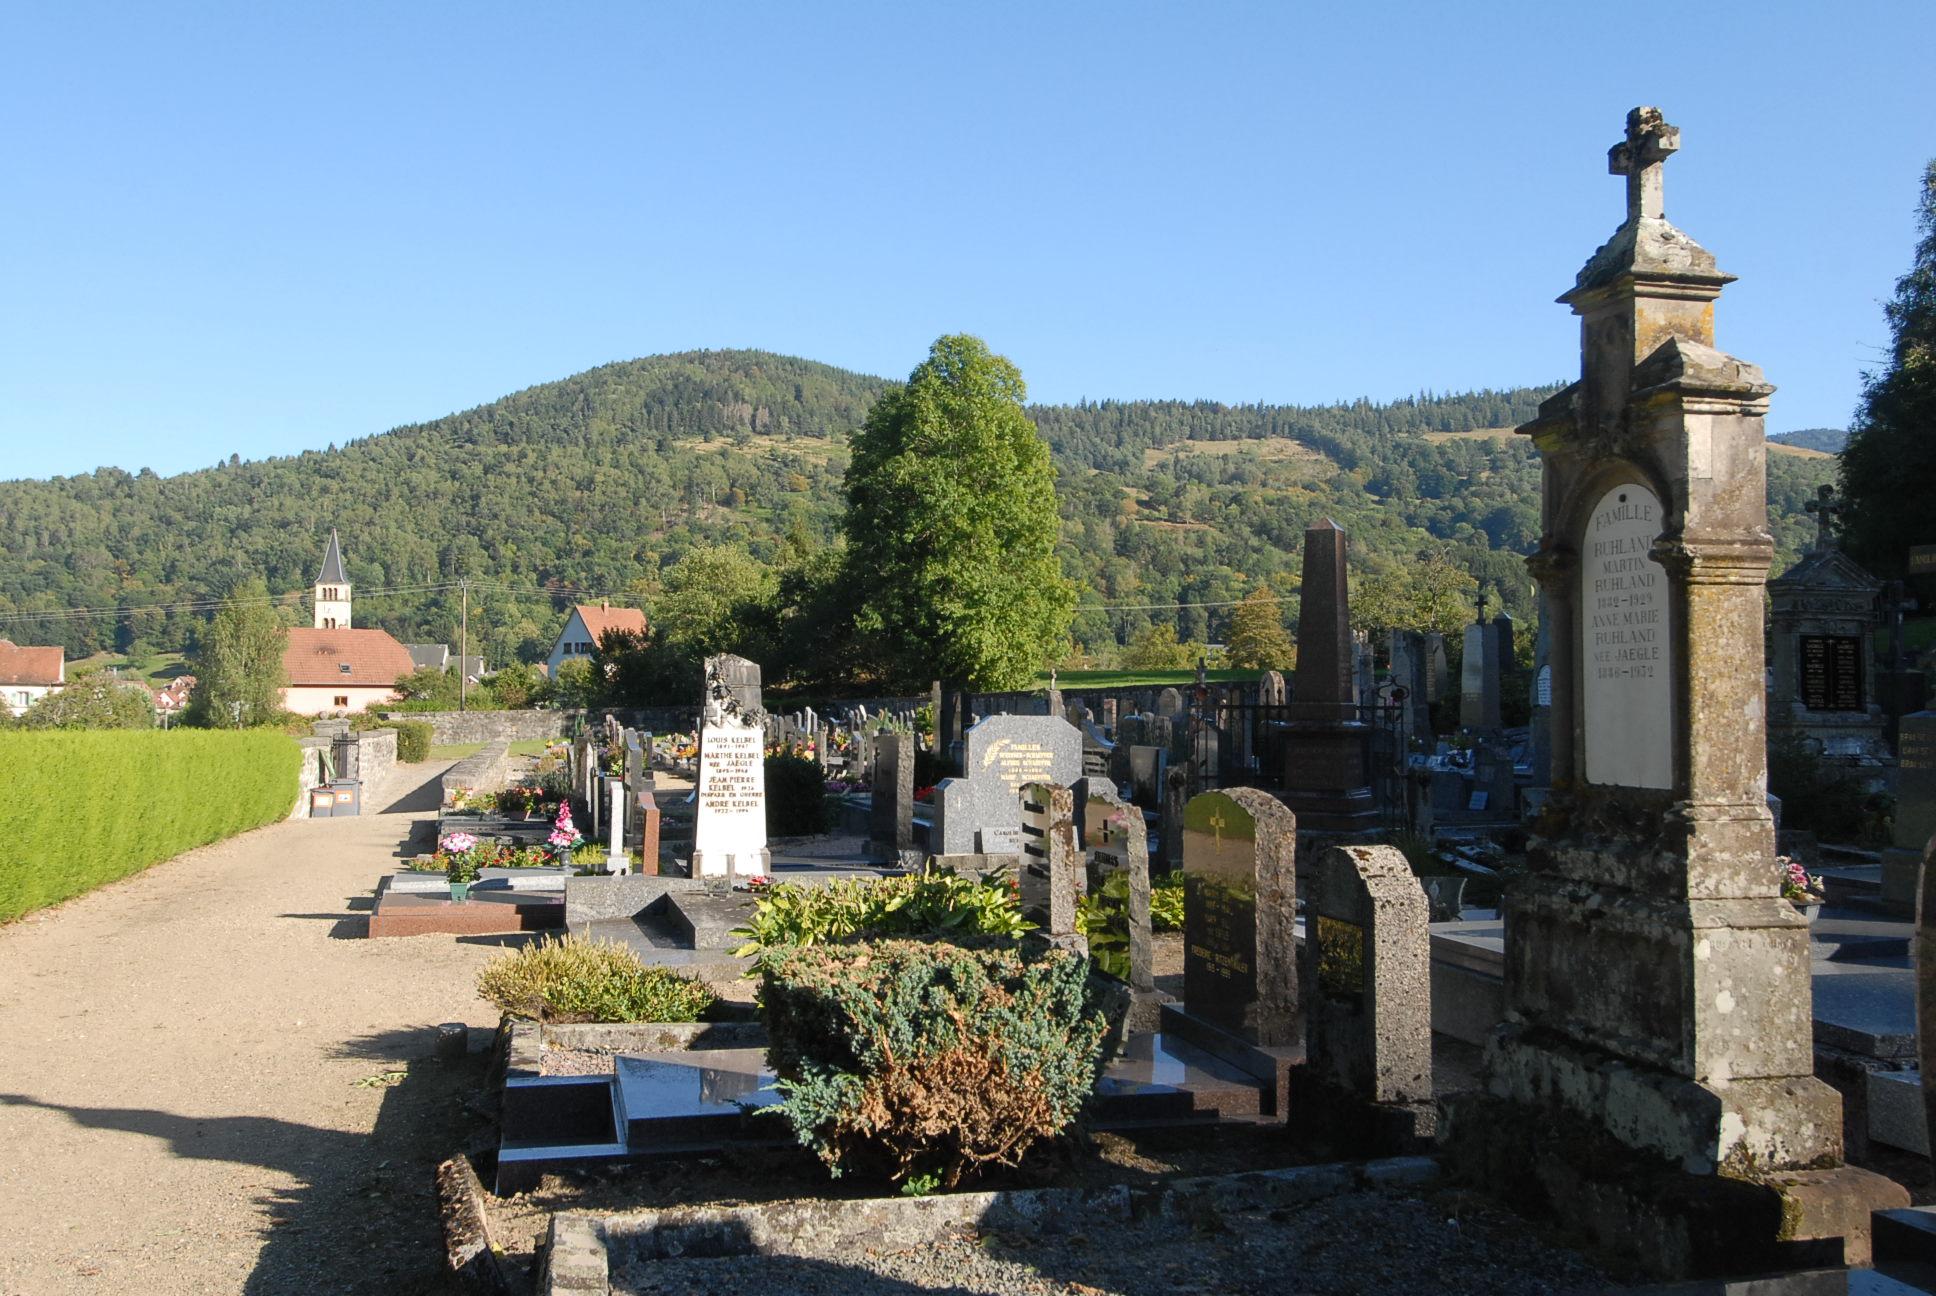 vue sur la colline et cimetière de Metzeral